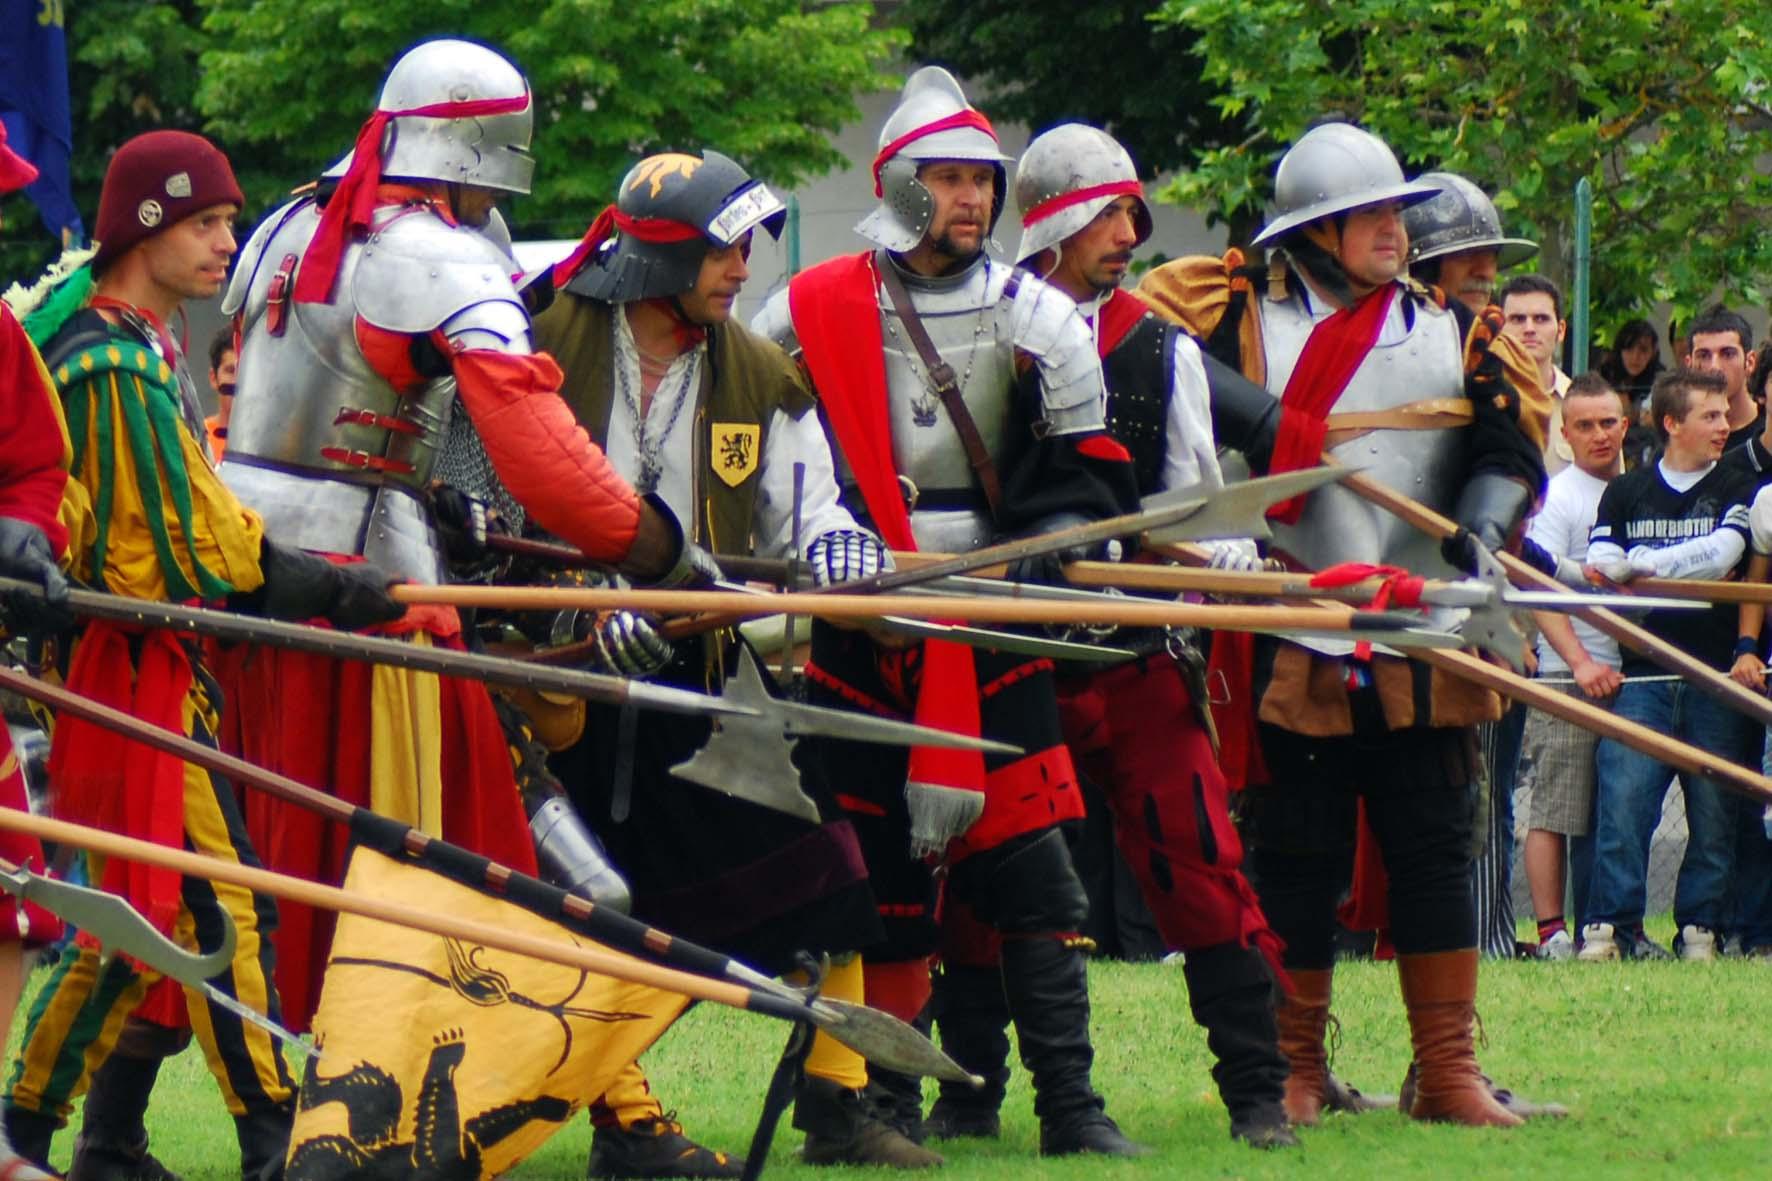 L'assalto al Castello di Marciano apre la rievocazione di Scannagallo